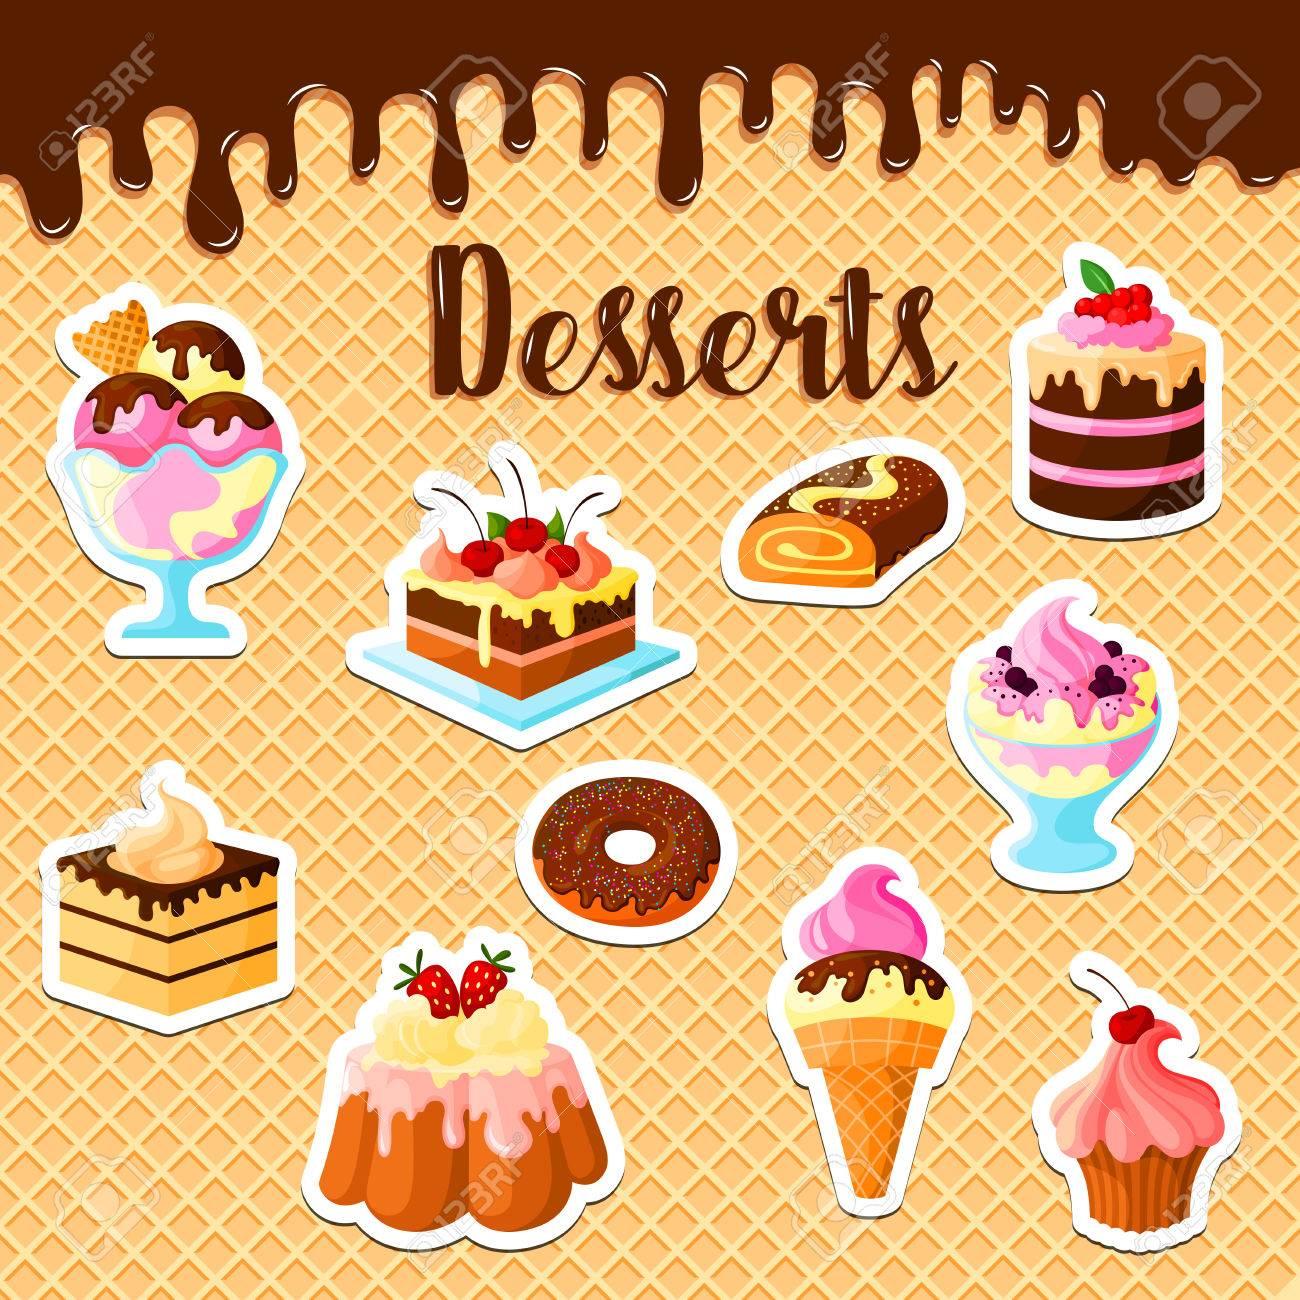 pasteles de repostería y postres en el cartel de la galleta de